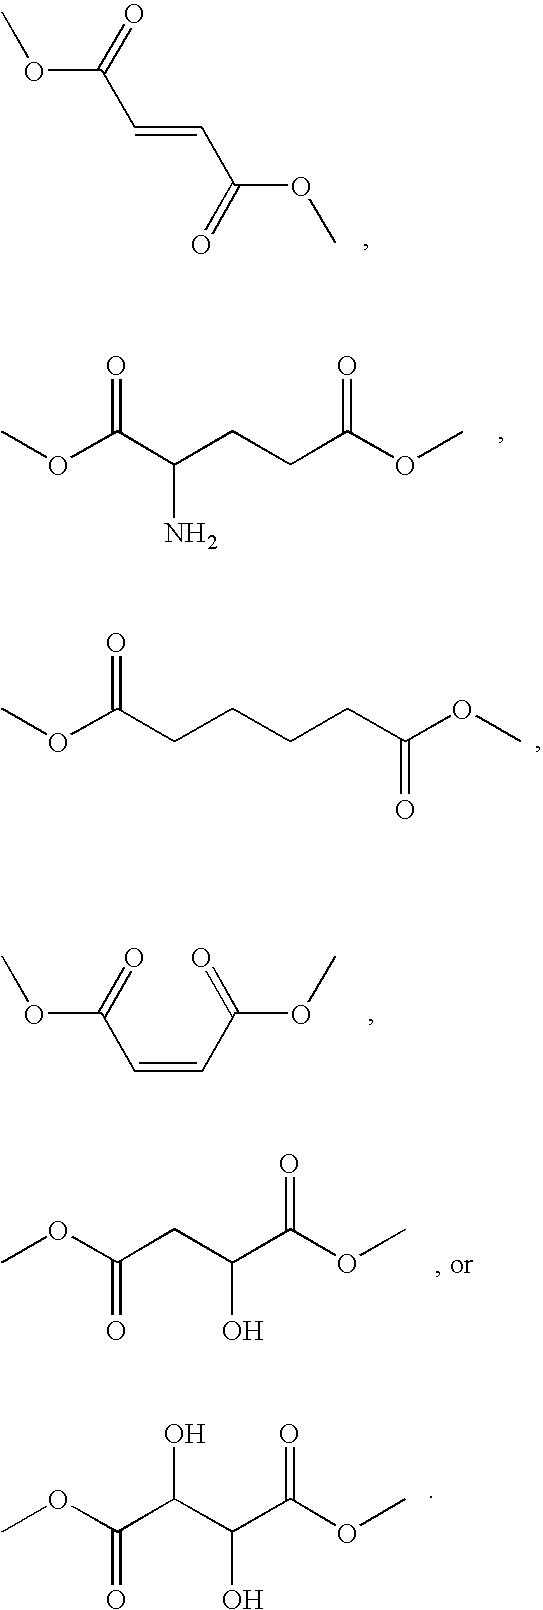 Figure US07067505-20060627-C00028